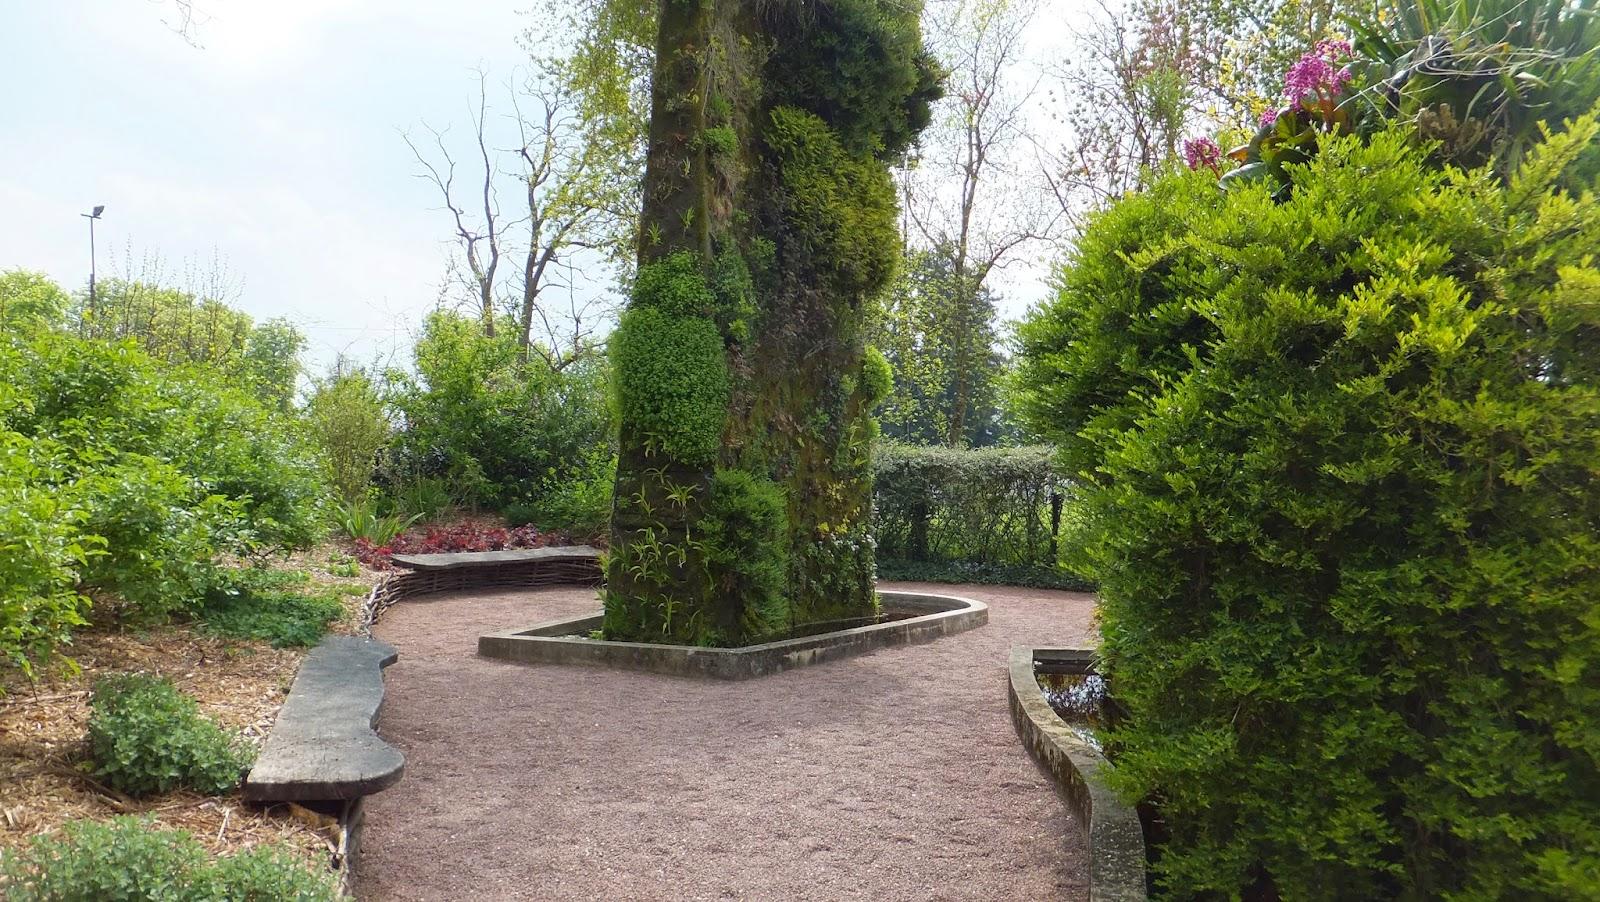 Muros Vegetales, Patrick Blanc, Chaumont-sur-Loire, Francia, Elisa N, Blog de Viajes, Lifestyle, Travel